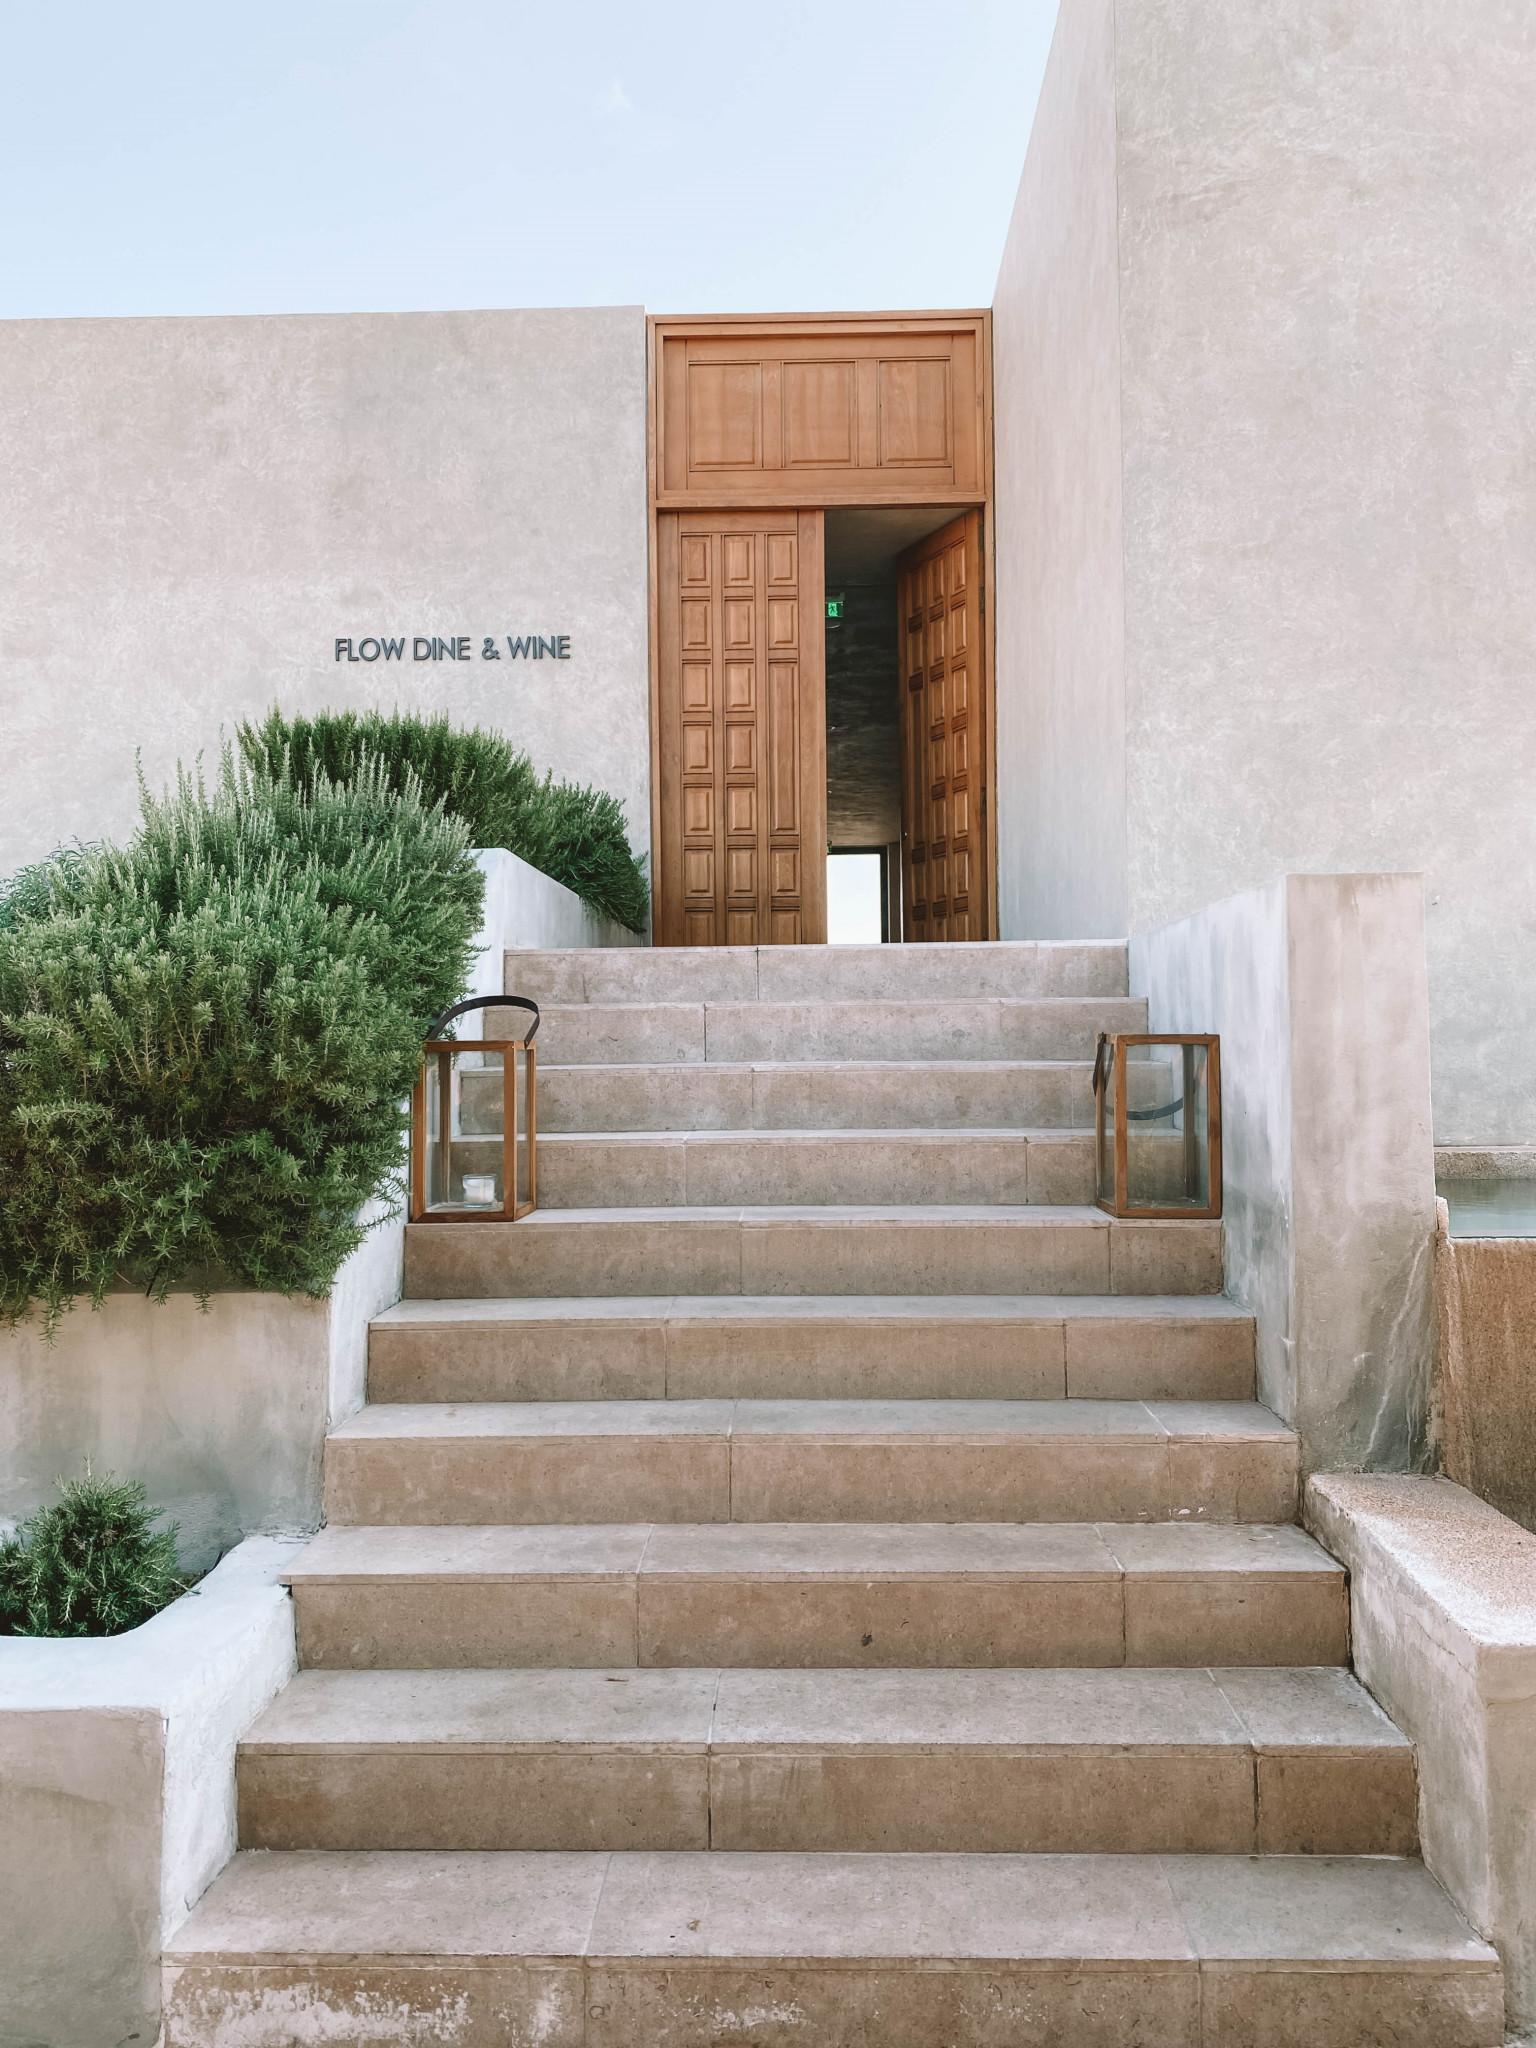 Grèce : Olea All Suite Hotel, bijou de design et de sérénite sur l'île de Zakynthos - 10